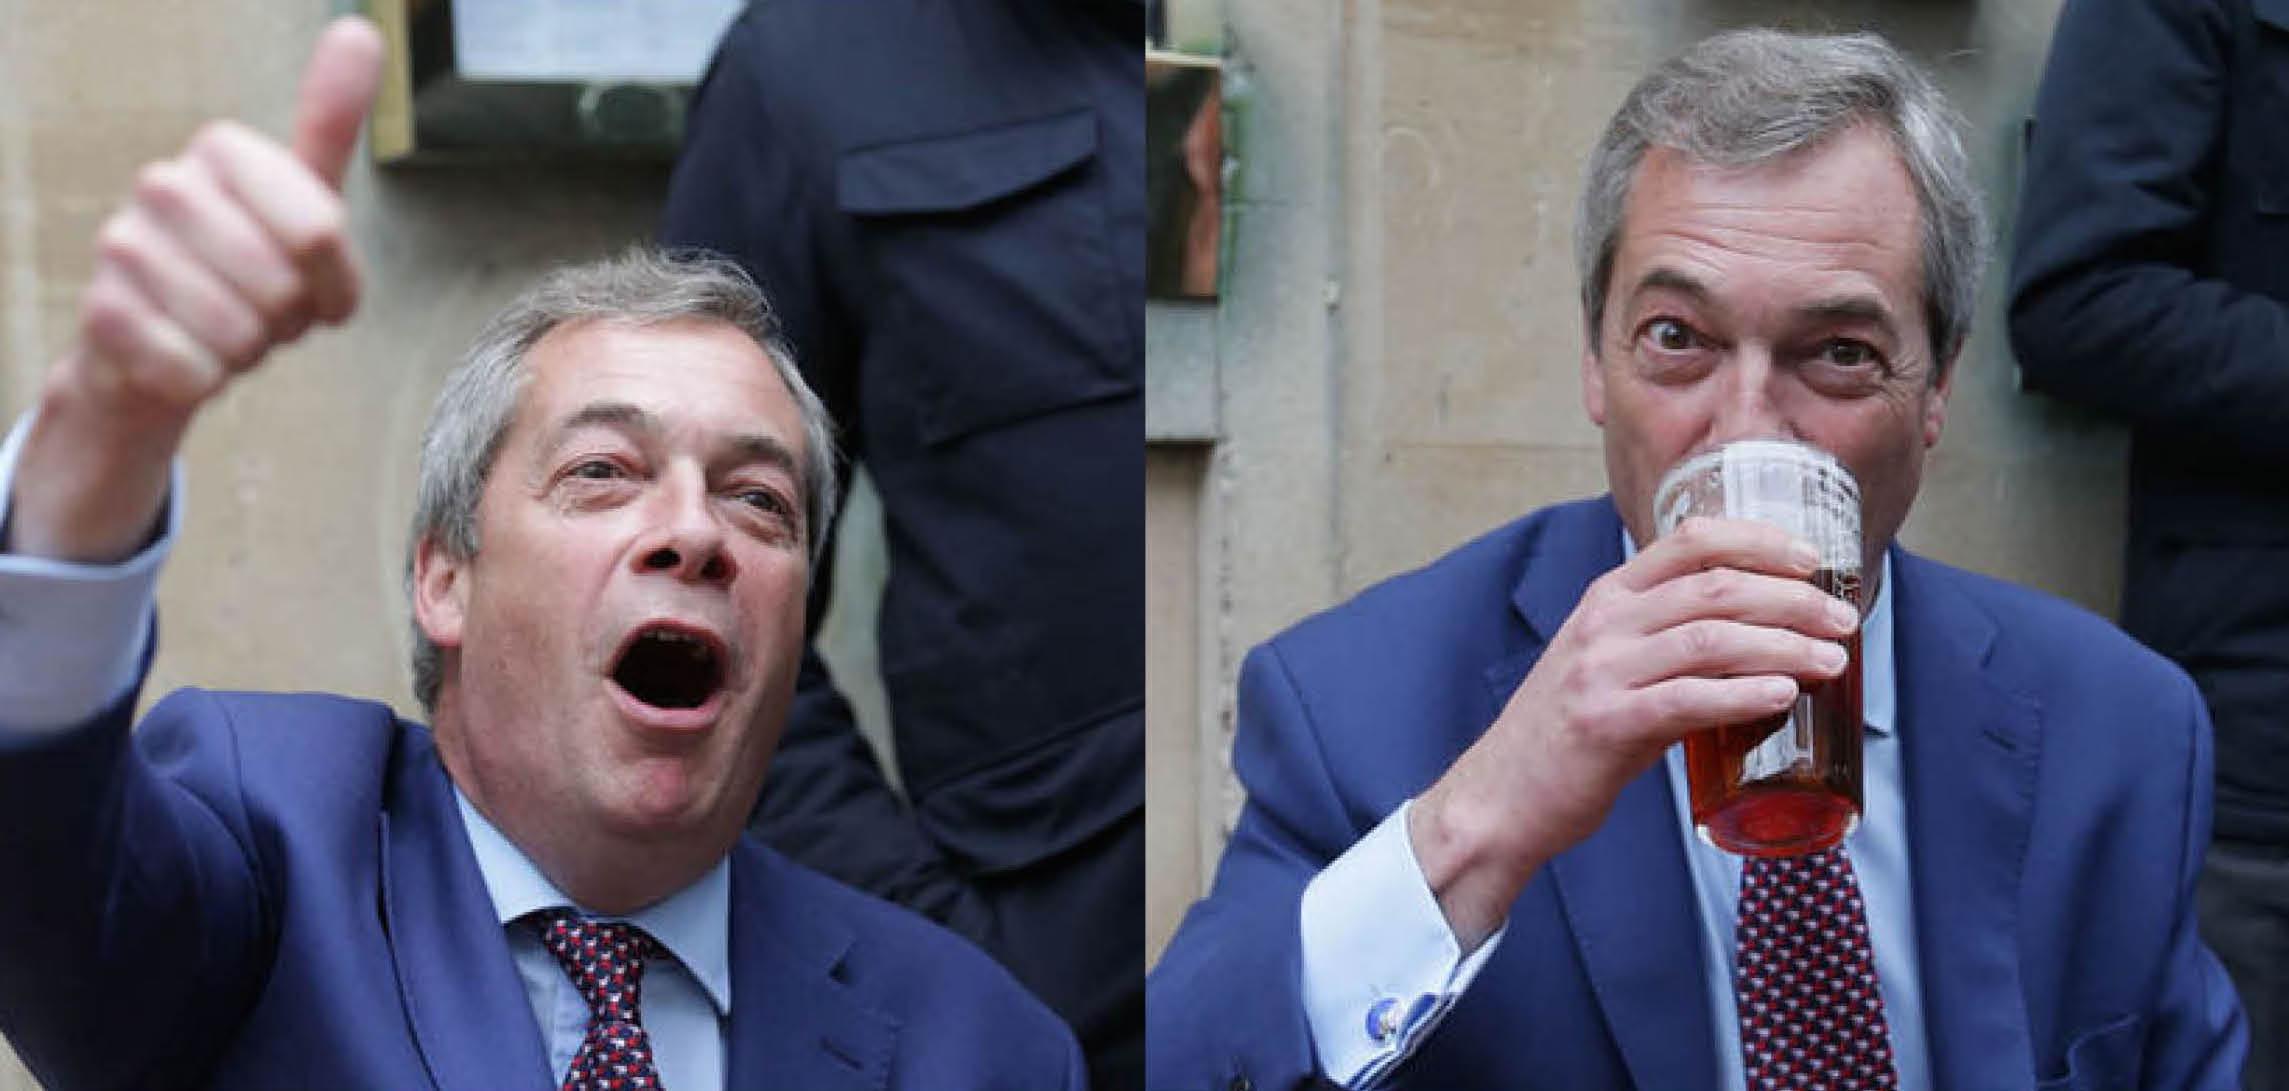 Nigel Farage wasted